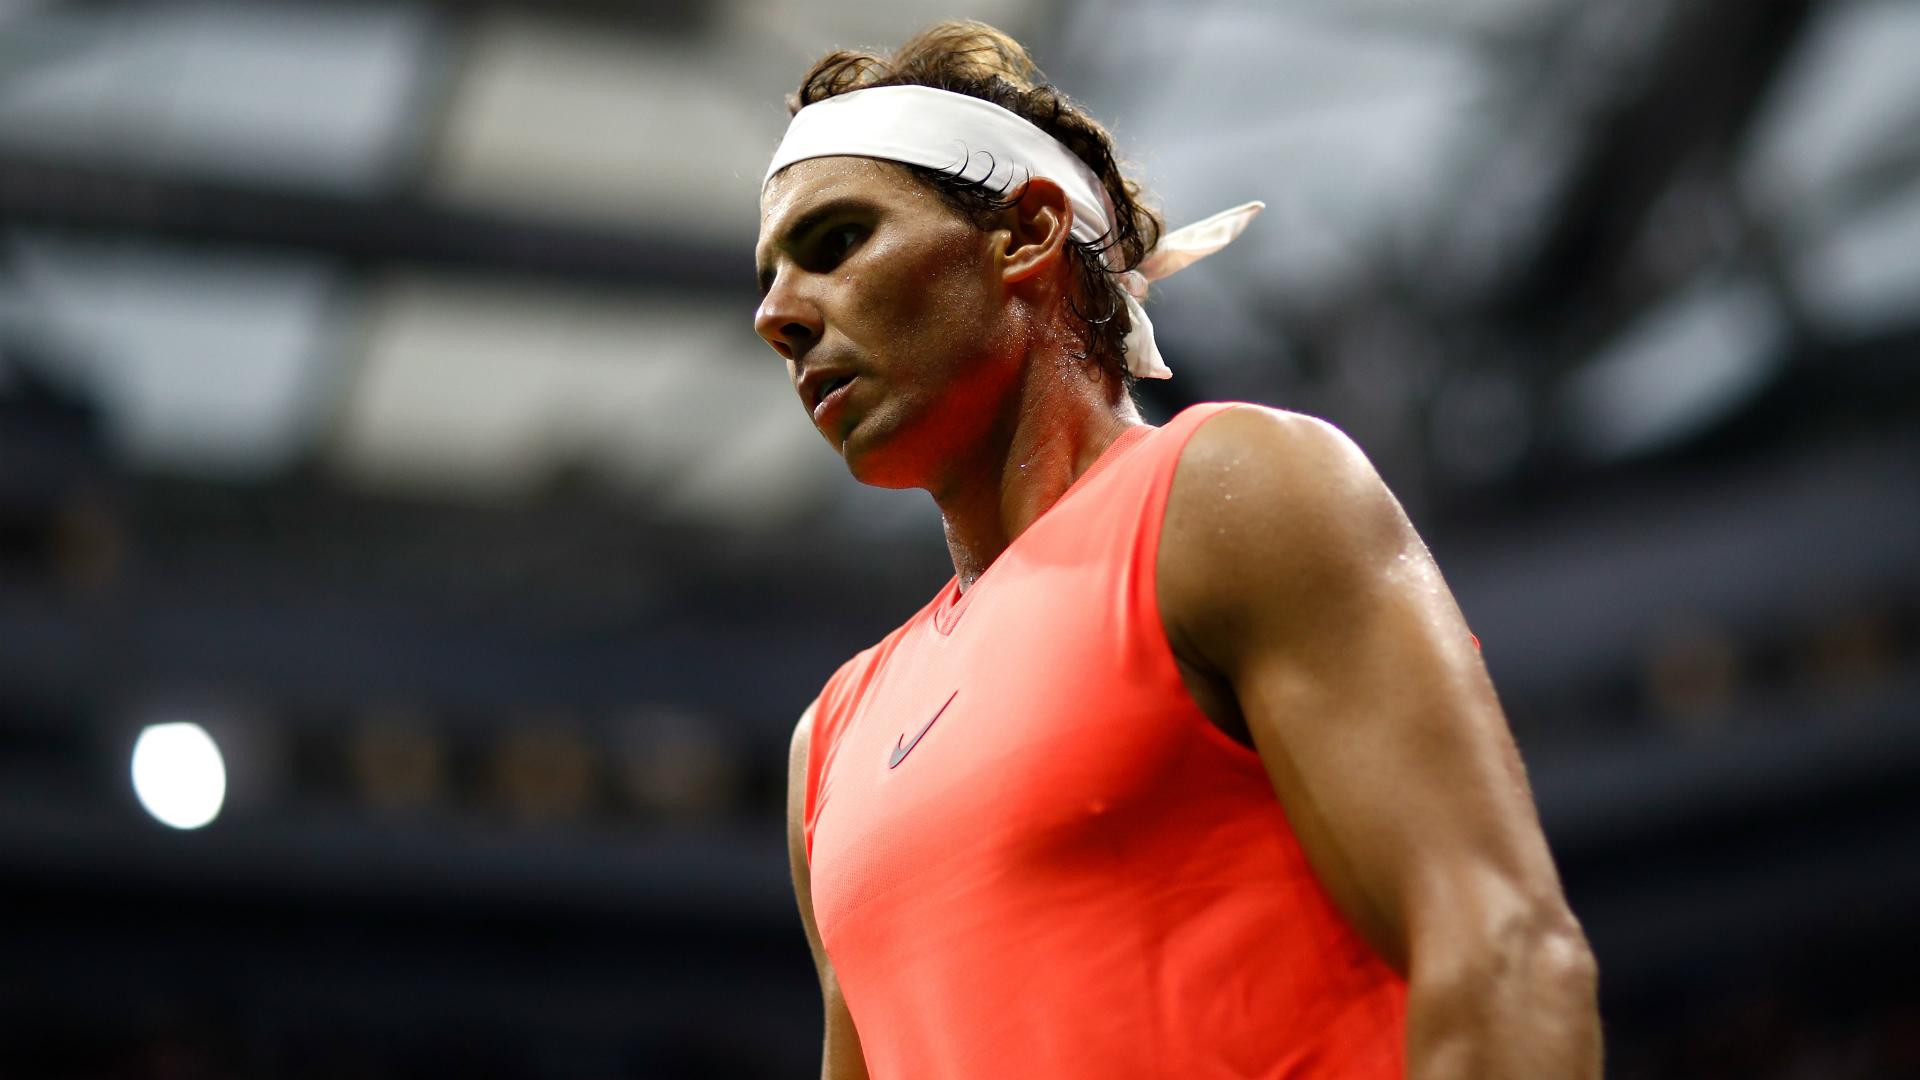 Rafael Nadal to make Abu Dhabi comeback in December